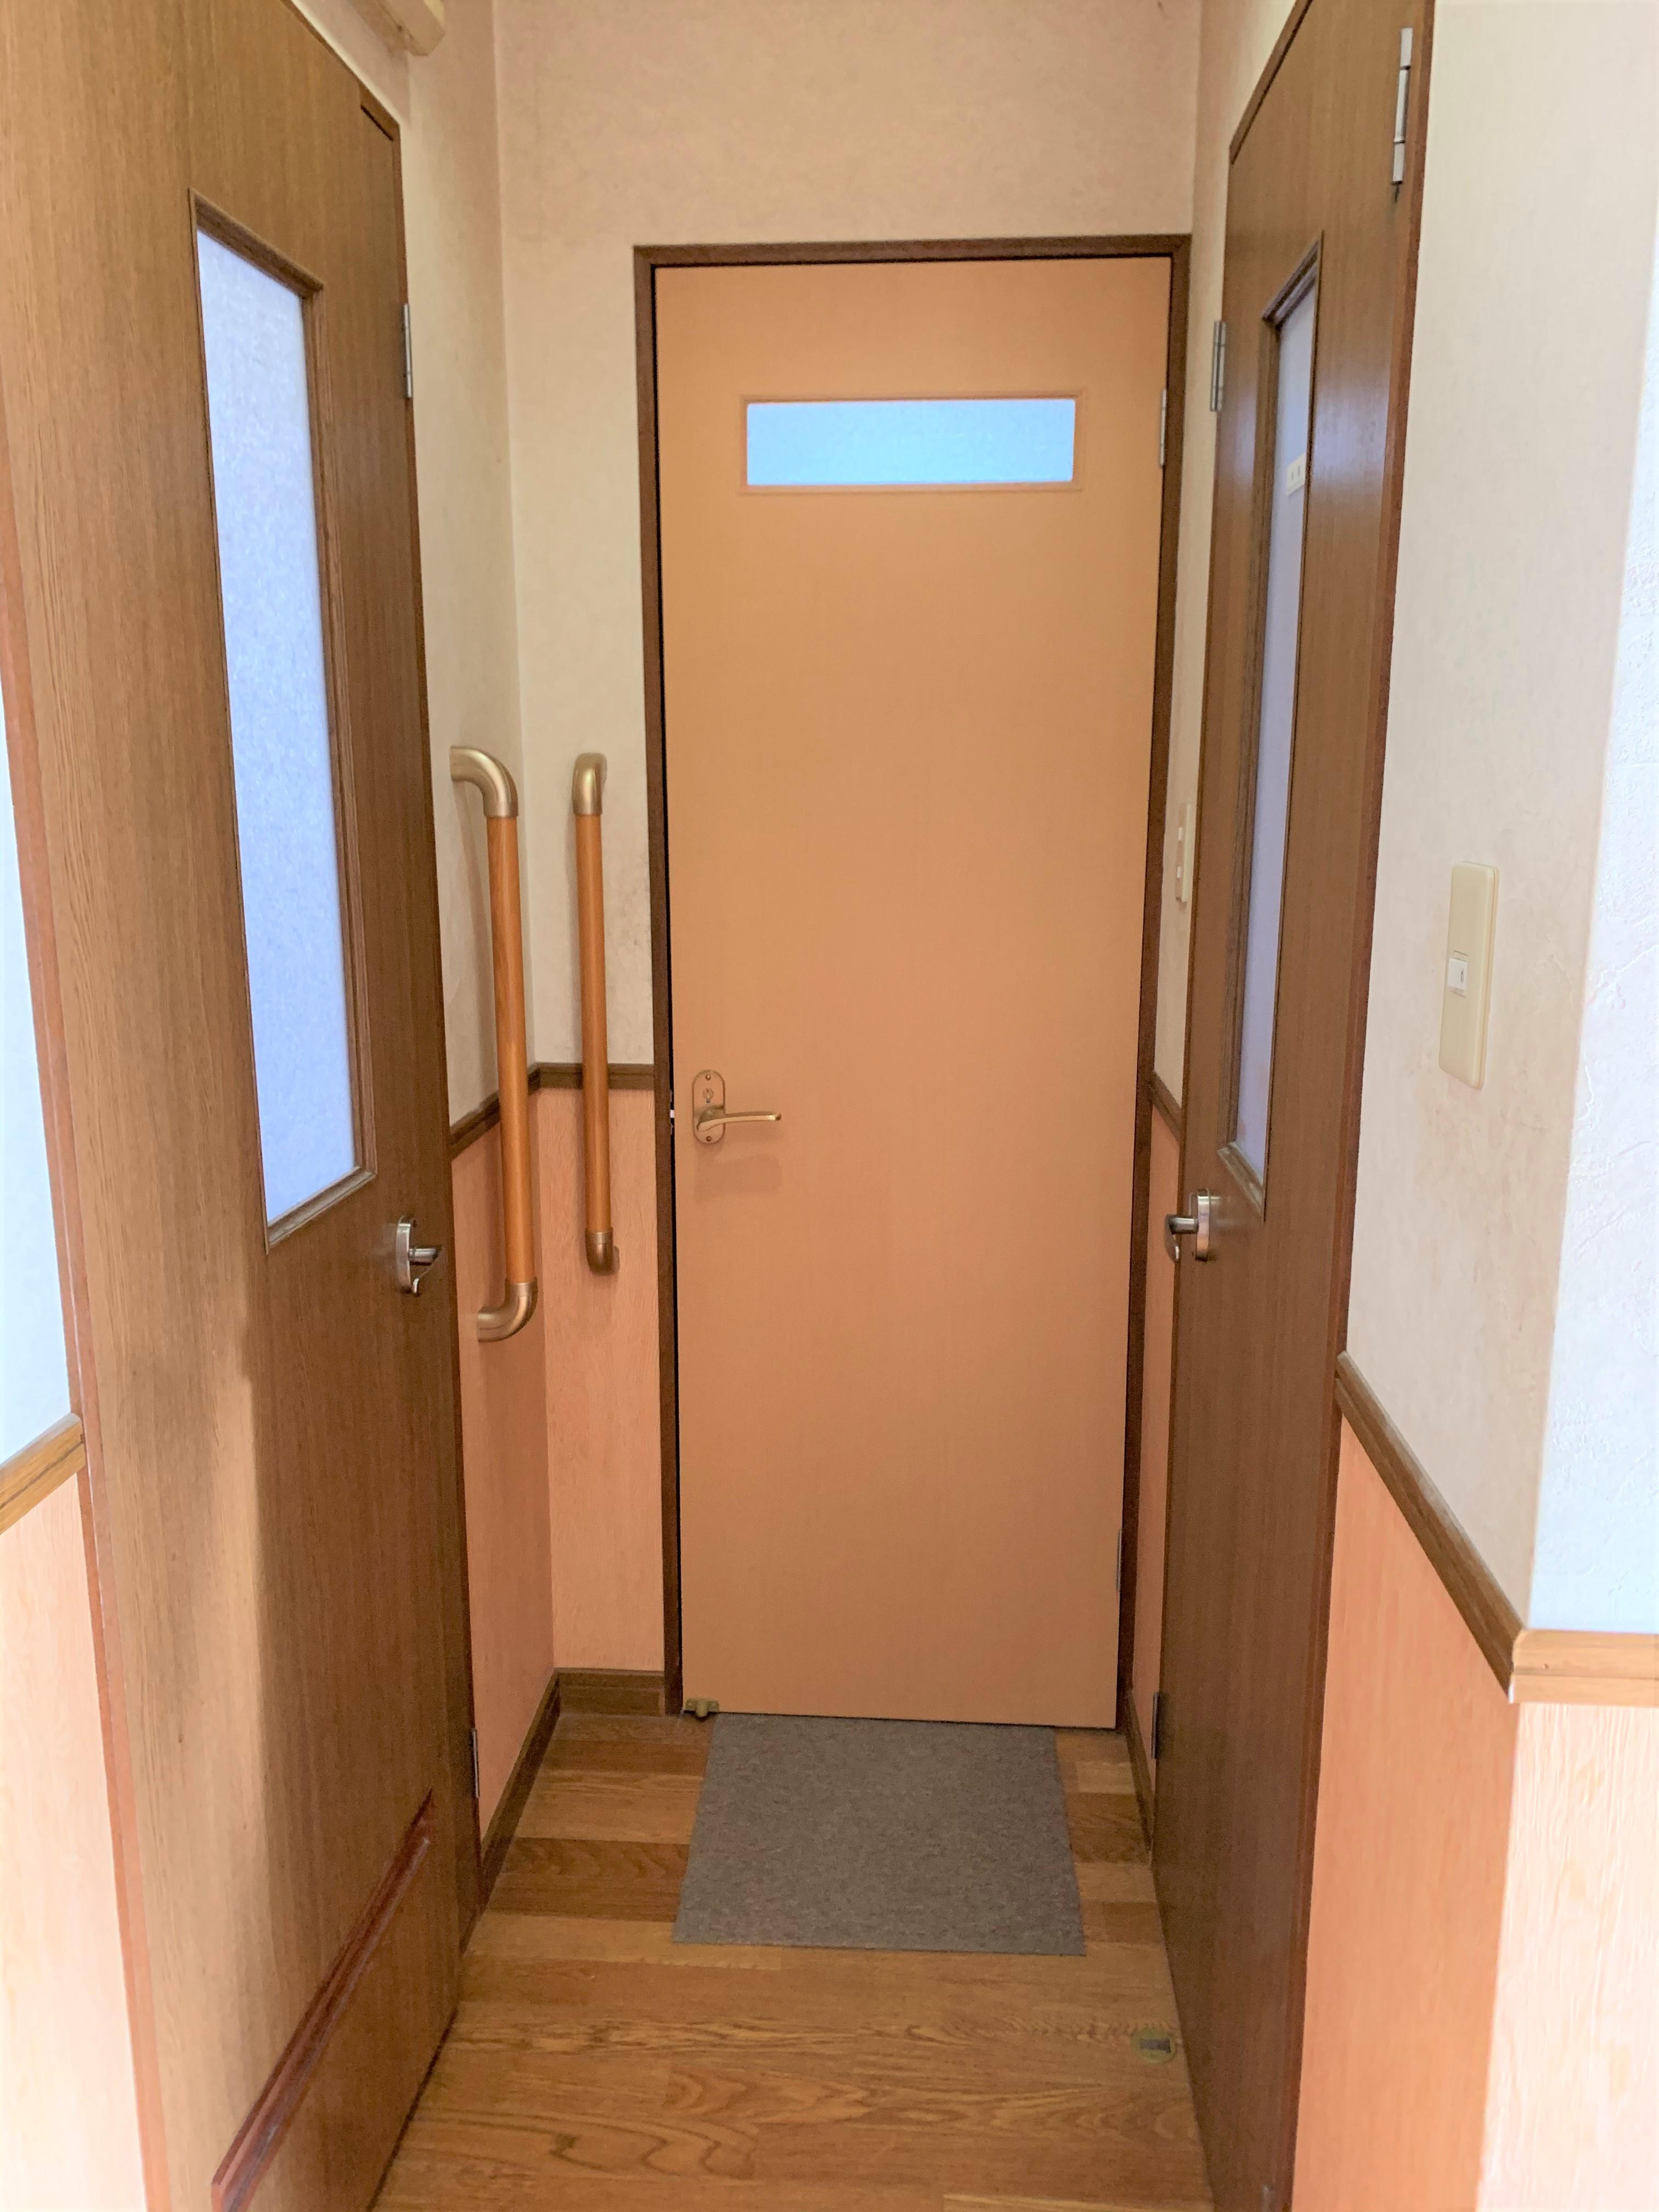 大きくなった開口に、合わせて作った扉。バランスを崩さないよう、入り口壁に手すりを取付